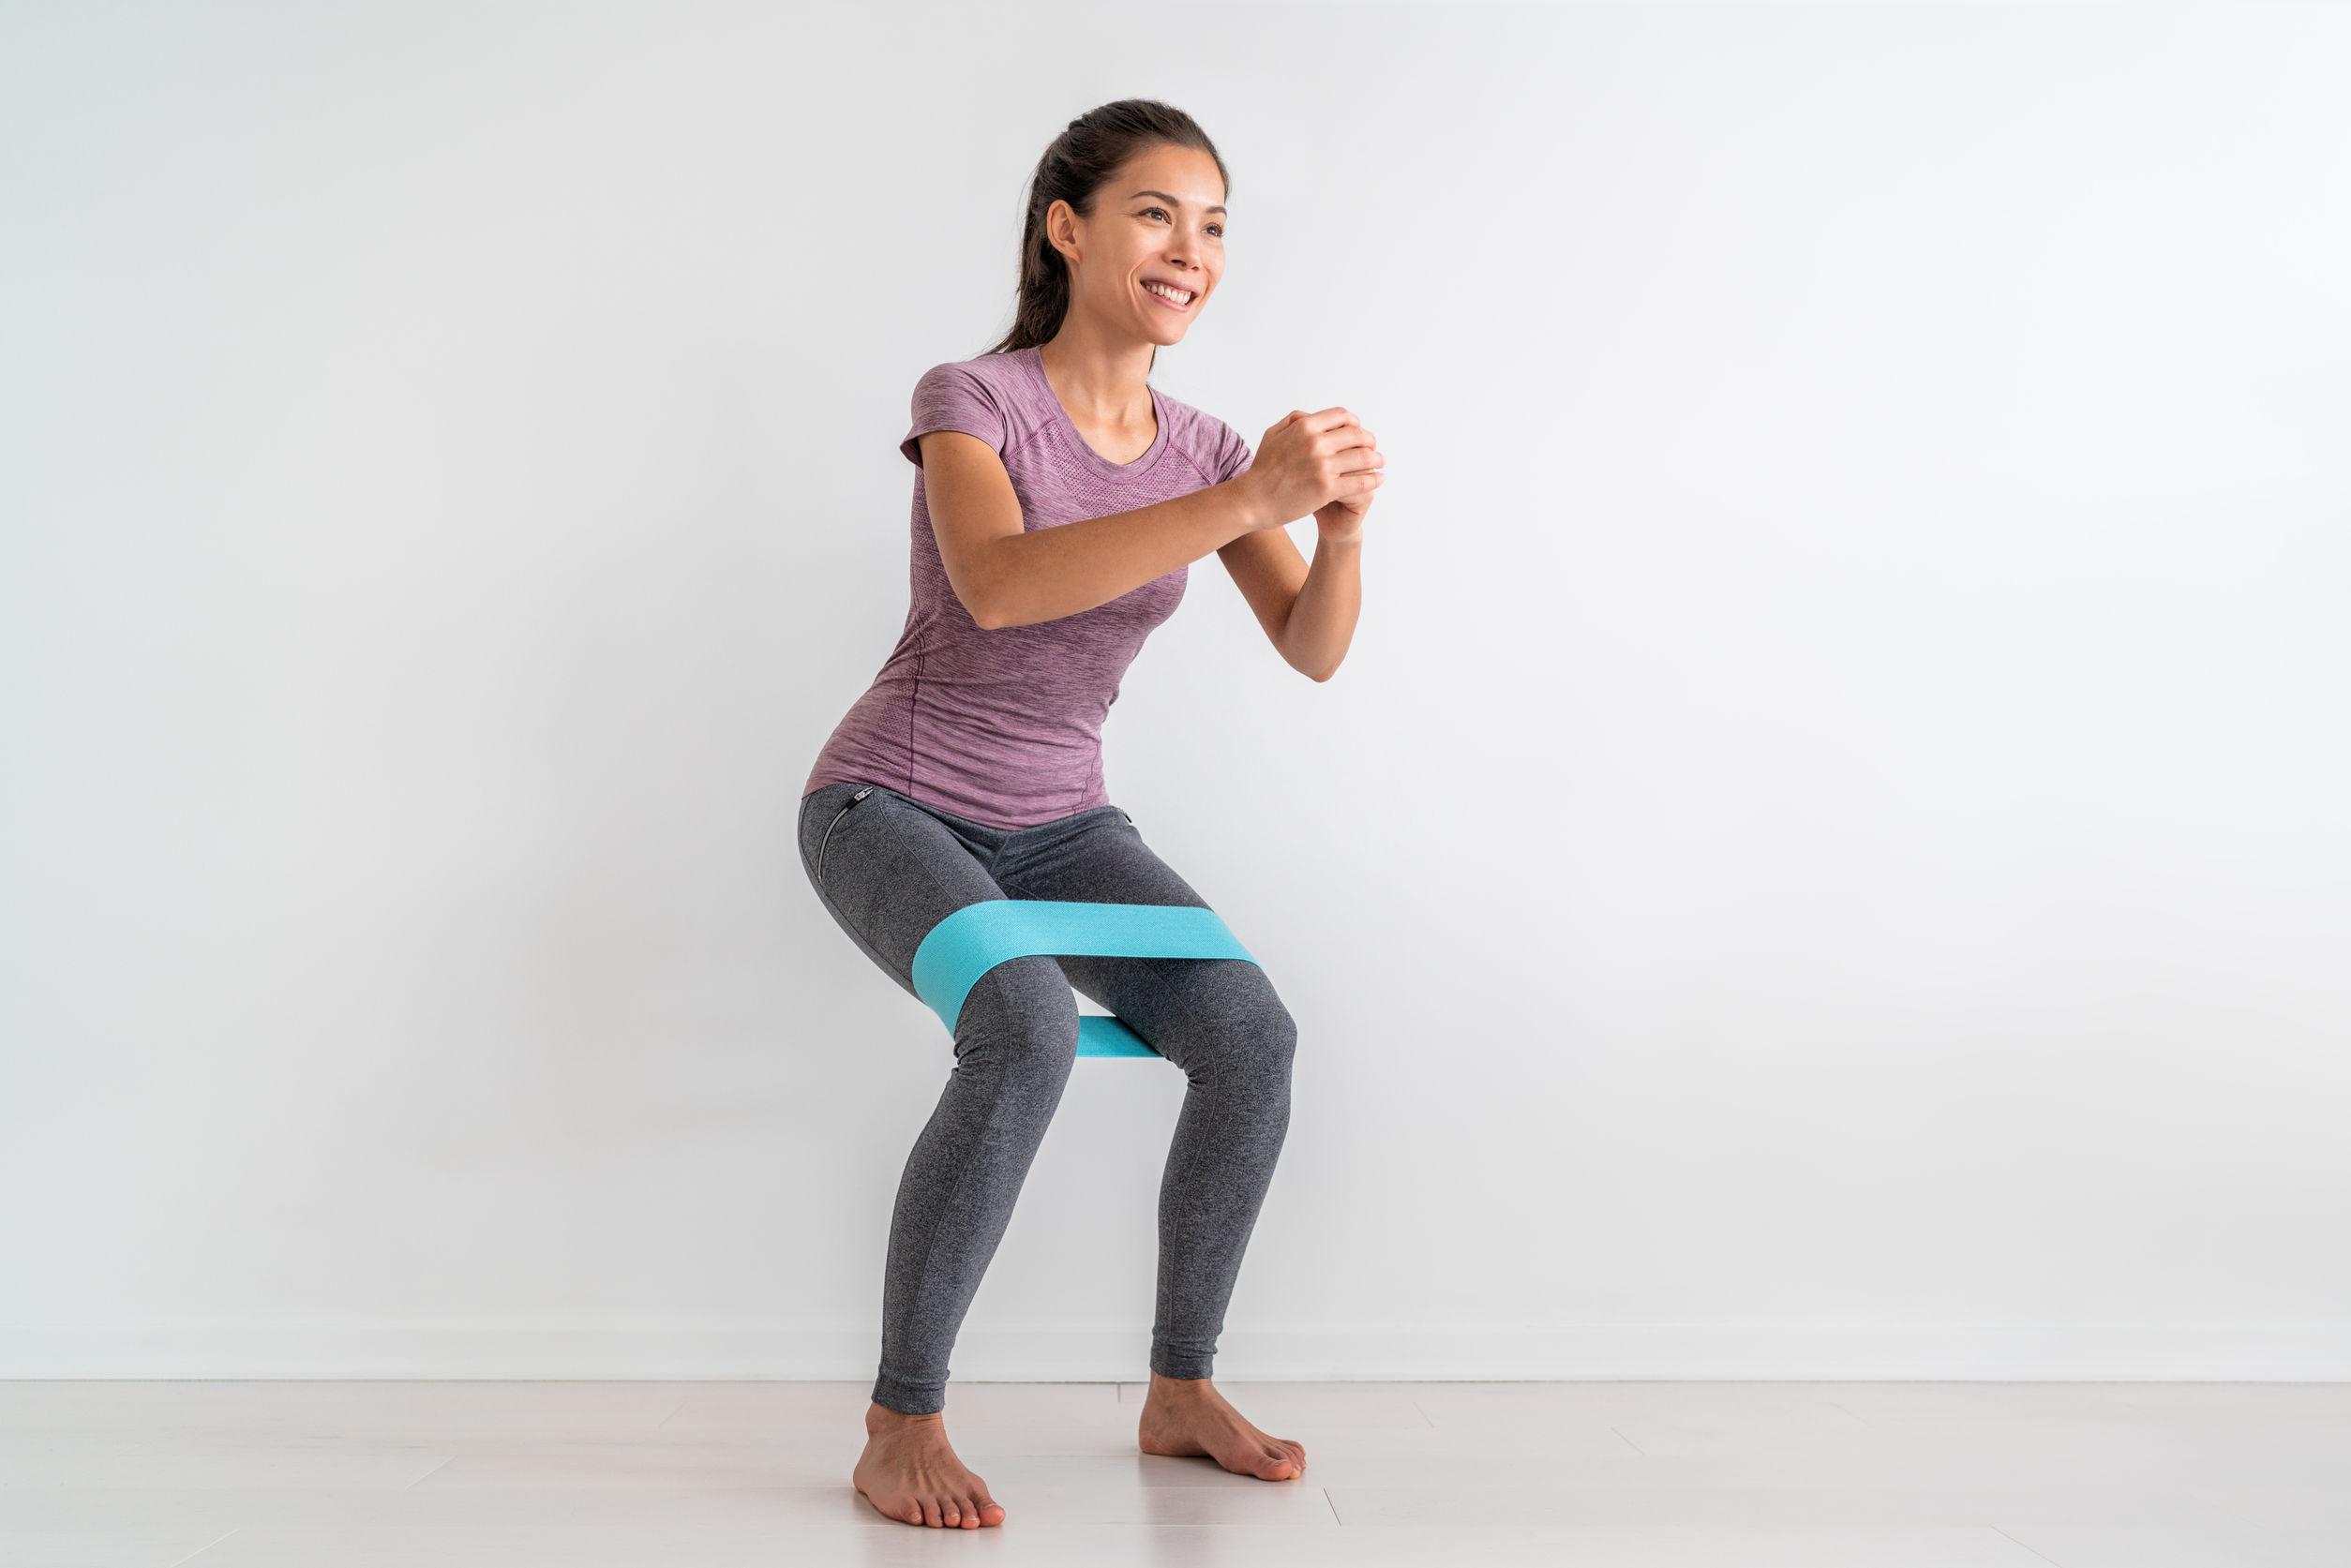 mulher praticando exercícios para o quadril com faixa elástica